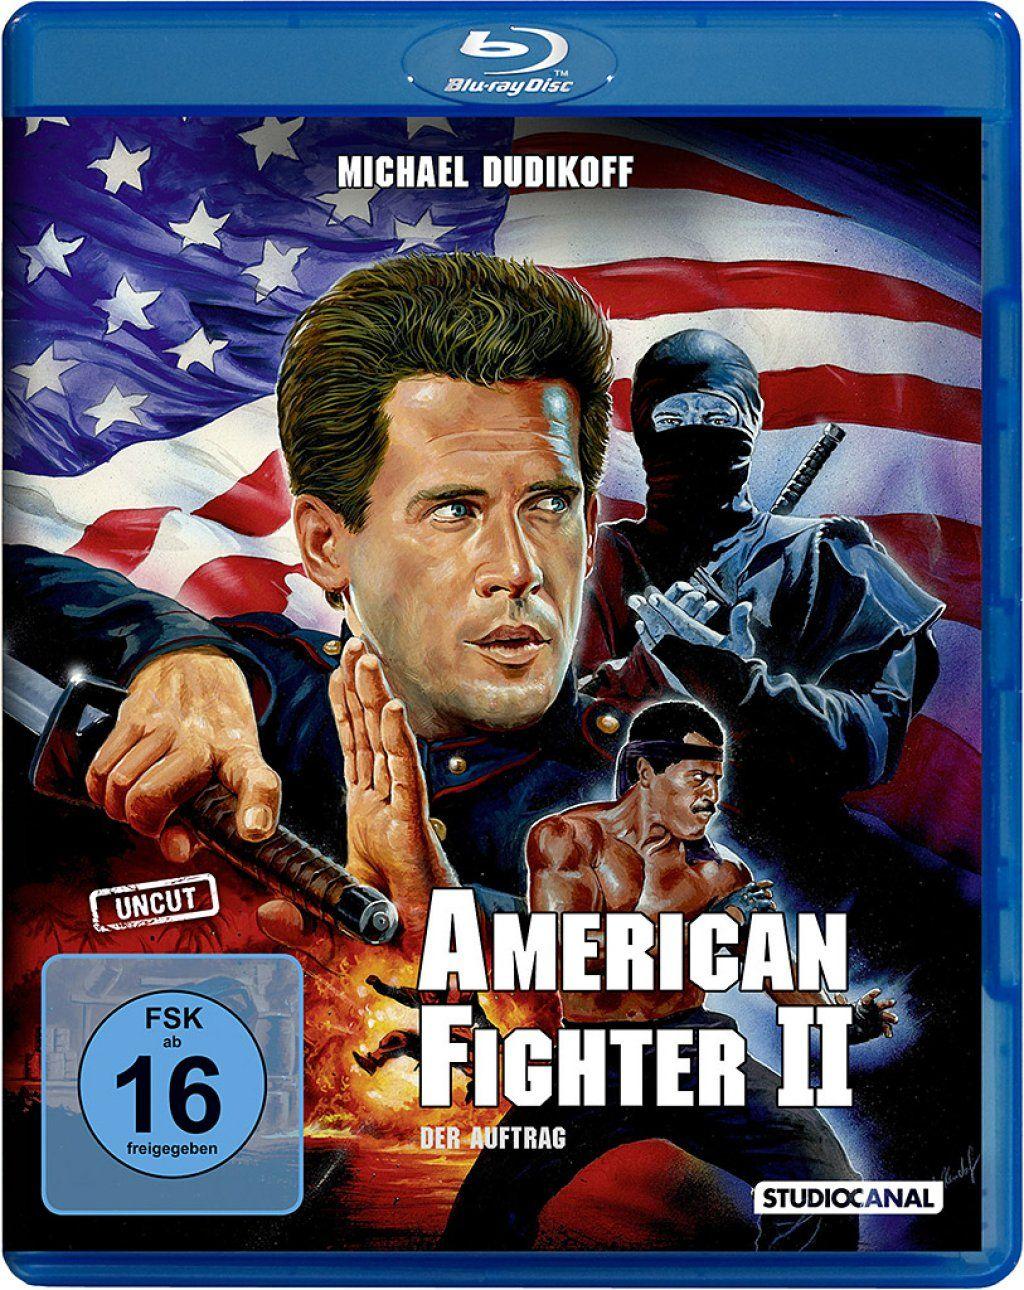 American Fighter 2: Der Auftrag (Uncut) (BLURAY)